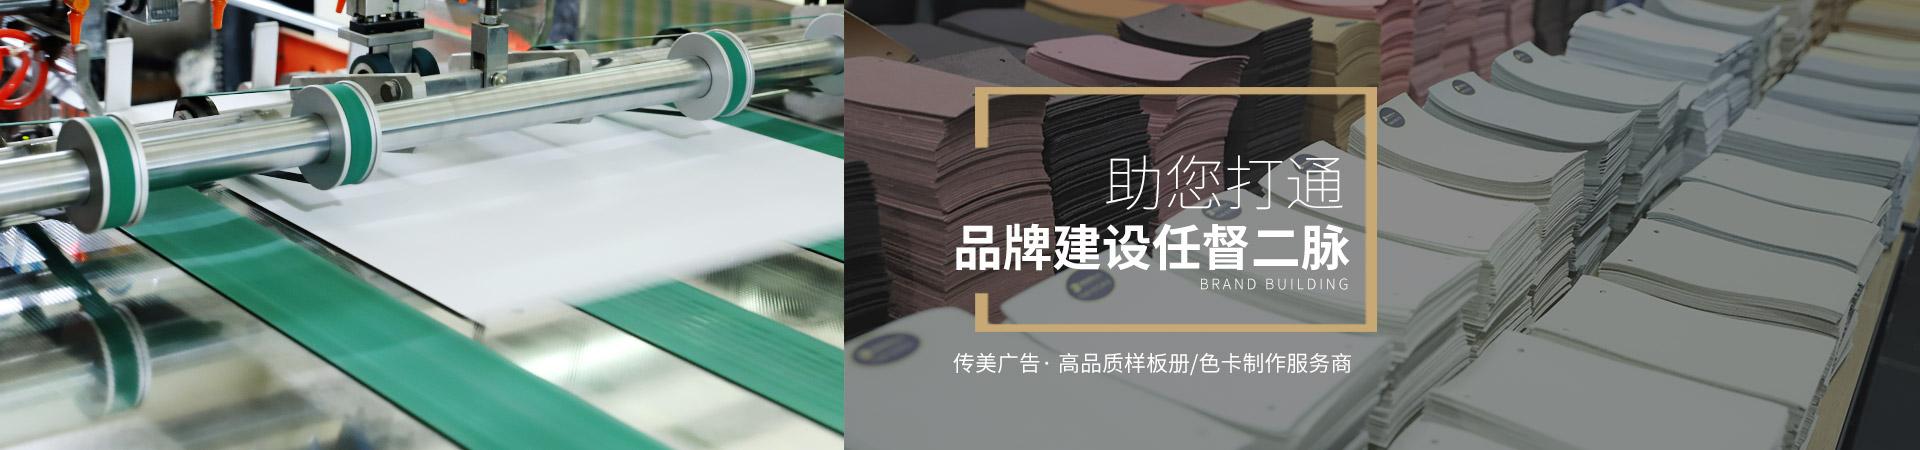 传美广告-高品质样板册/色卡制作服务商